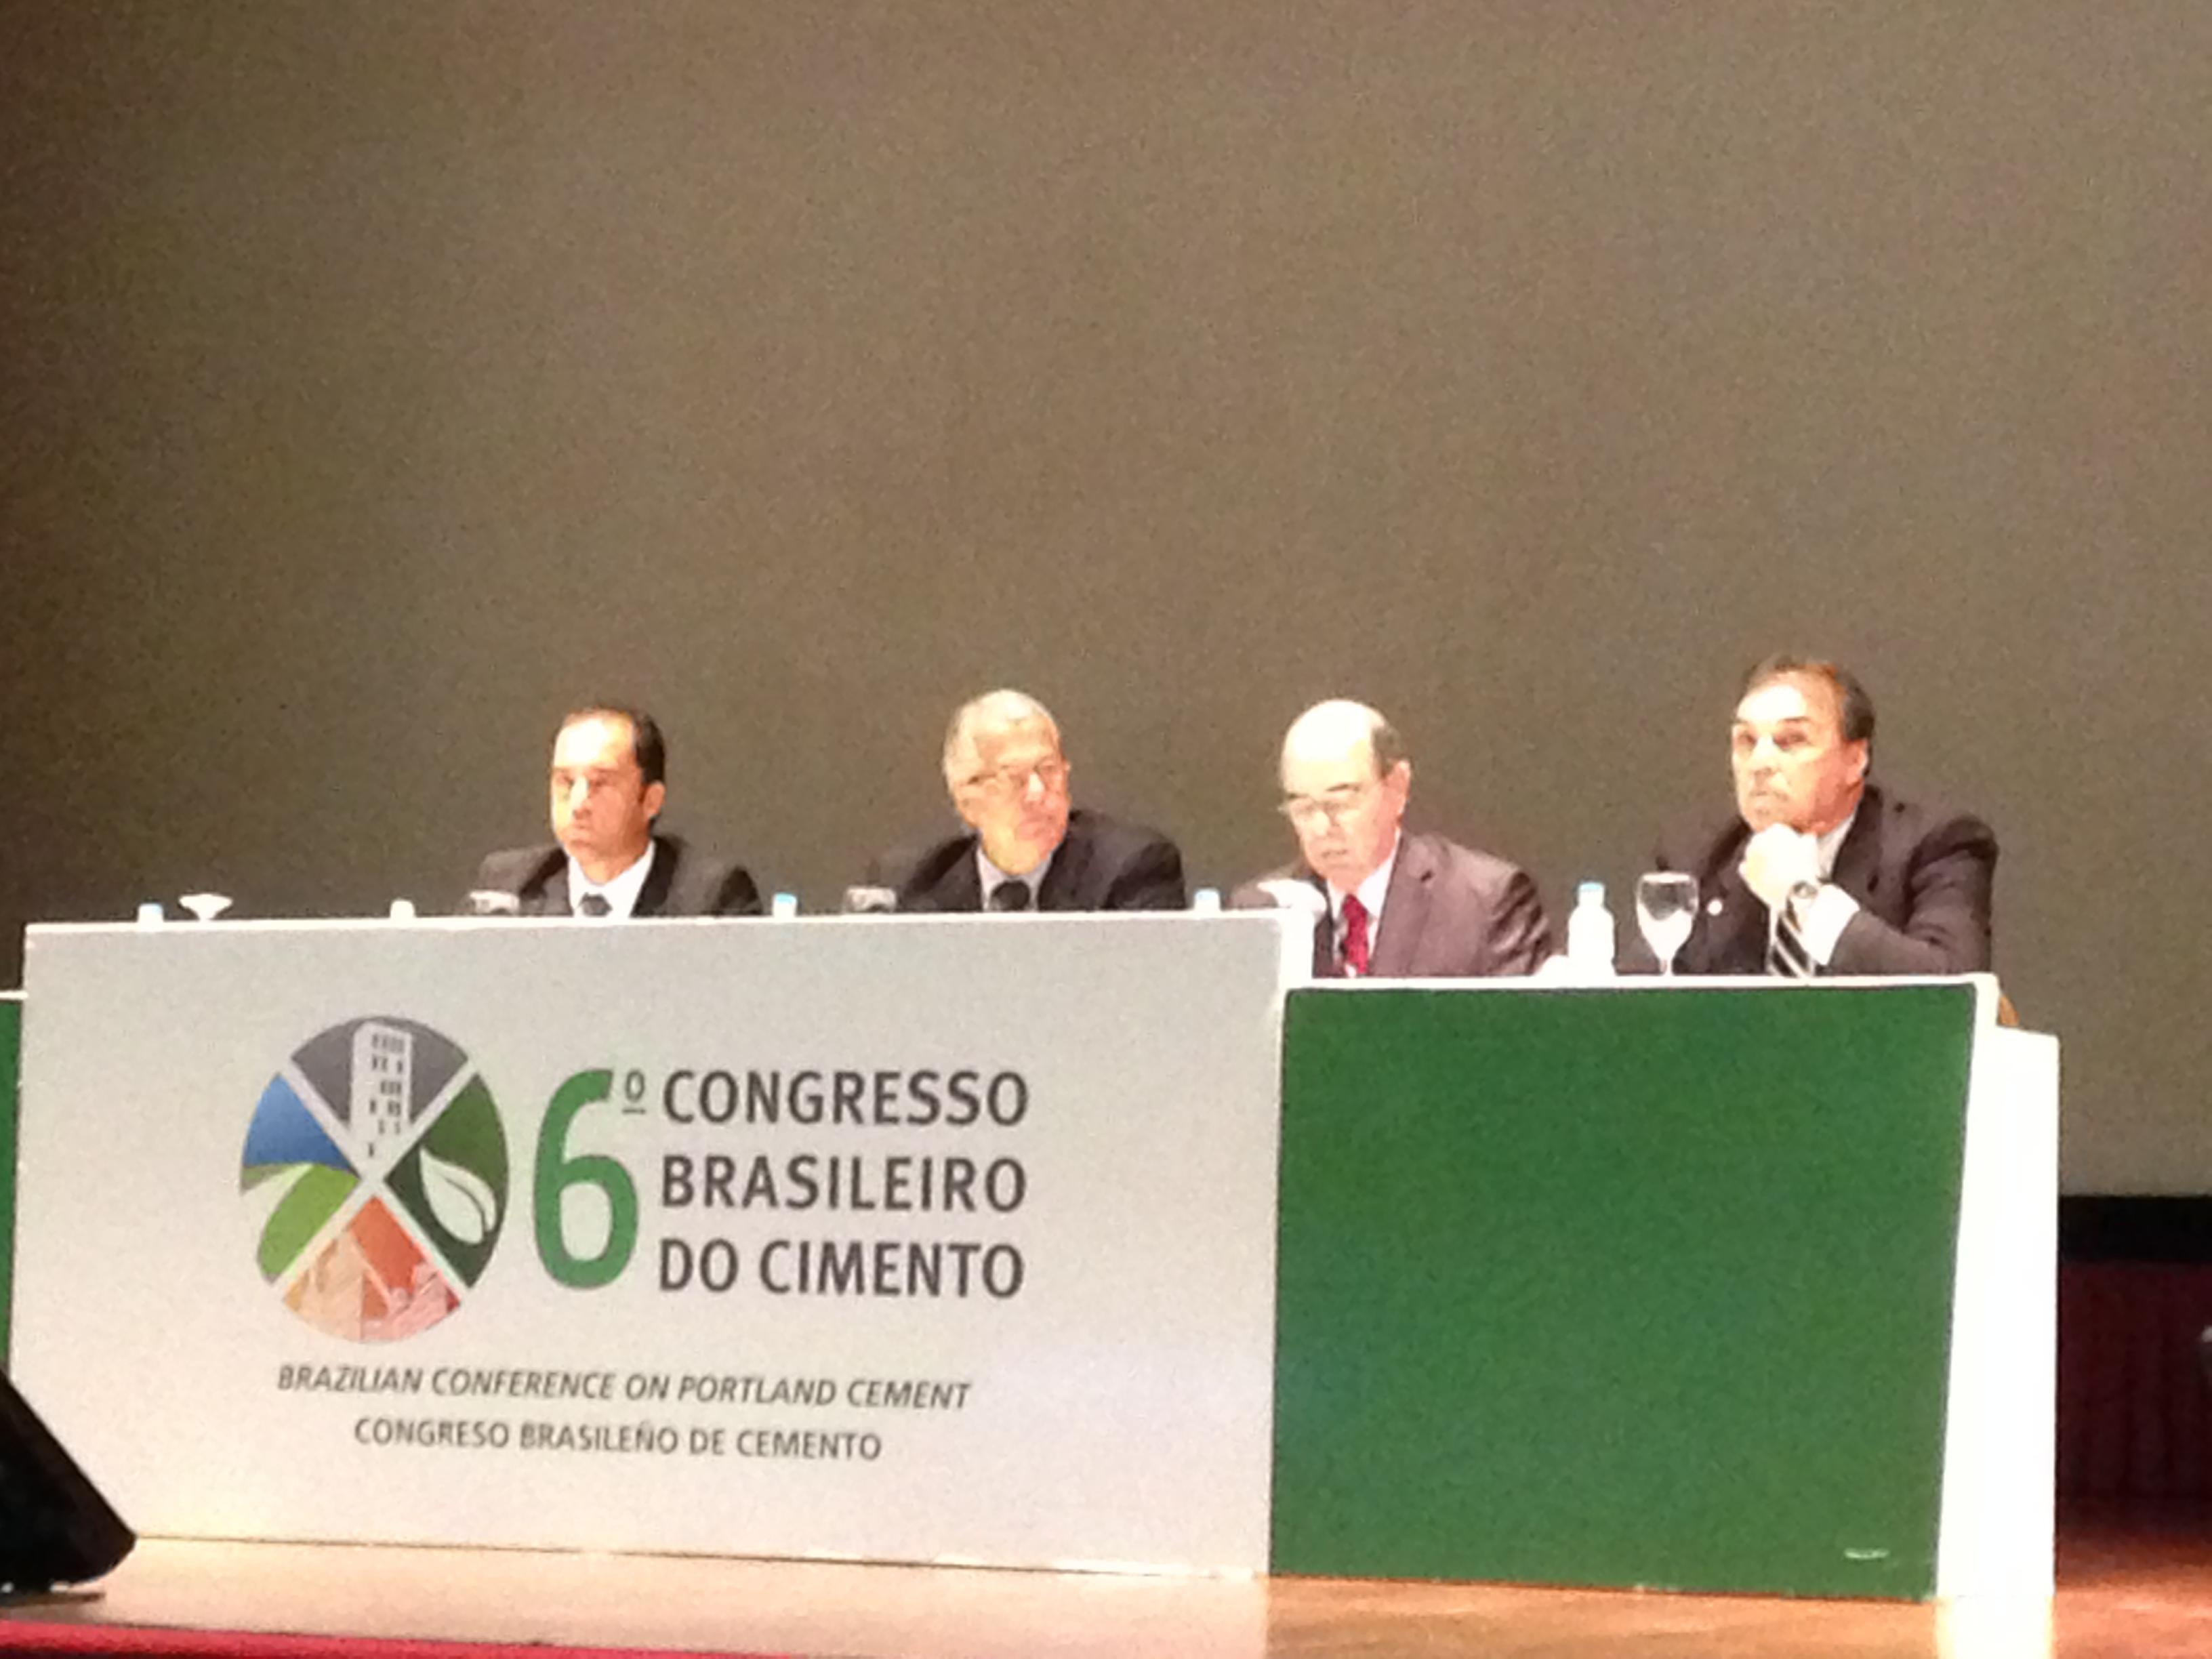 Renato Giusti, da ABCP, e José Otávio Carvalho, do Snic: Brasil é o 4º maior produtor de cimento e precisa sustentar posição